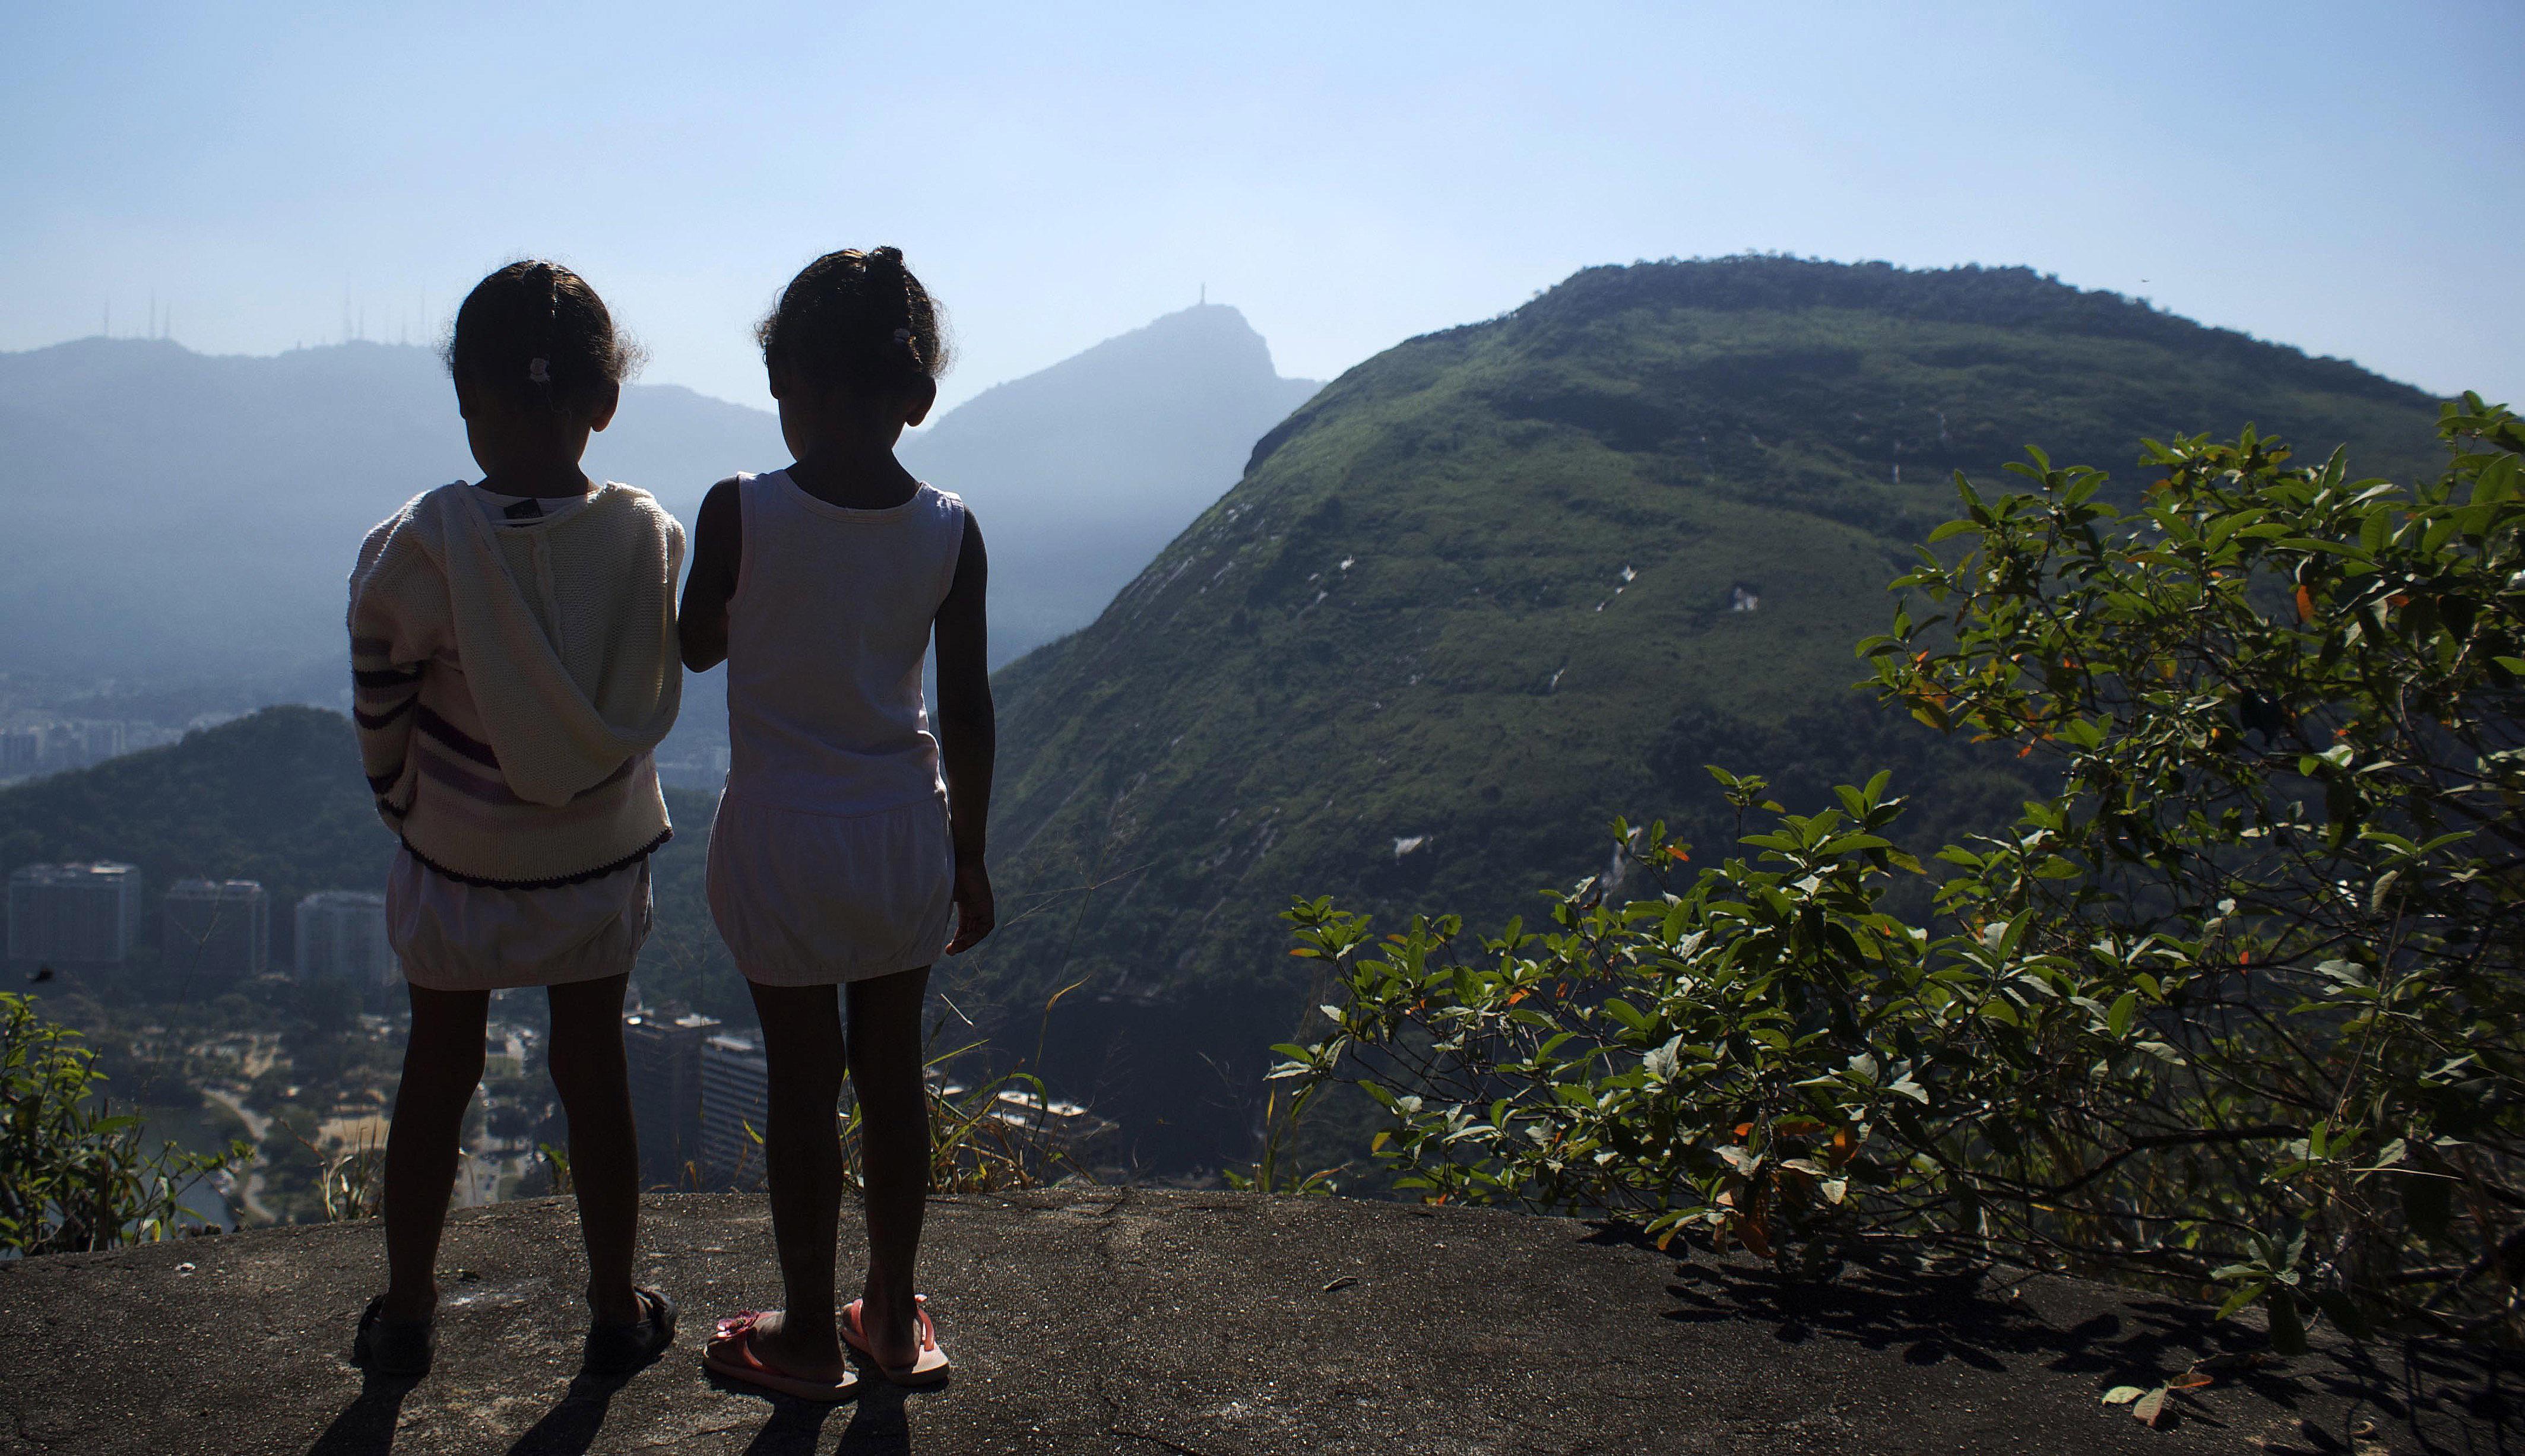 A work by Does - Rio de janeiro brazil girls fevela